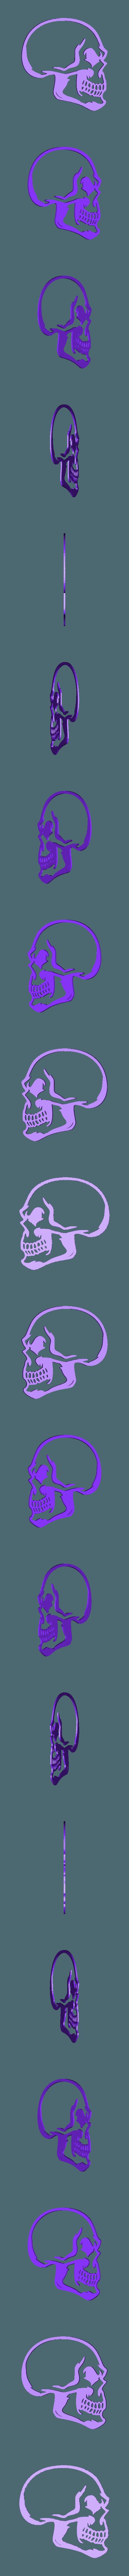 punk_hairy_3_fixed1.stl Télécharger fichier STL gratuit Porte-clés tête de mort avec cheveux • Modèle pour imprimante 3D, 3dlito